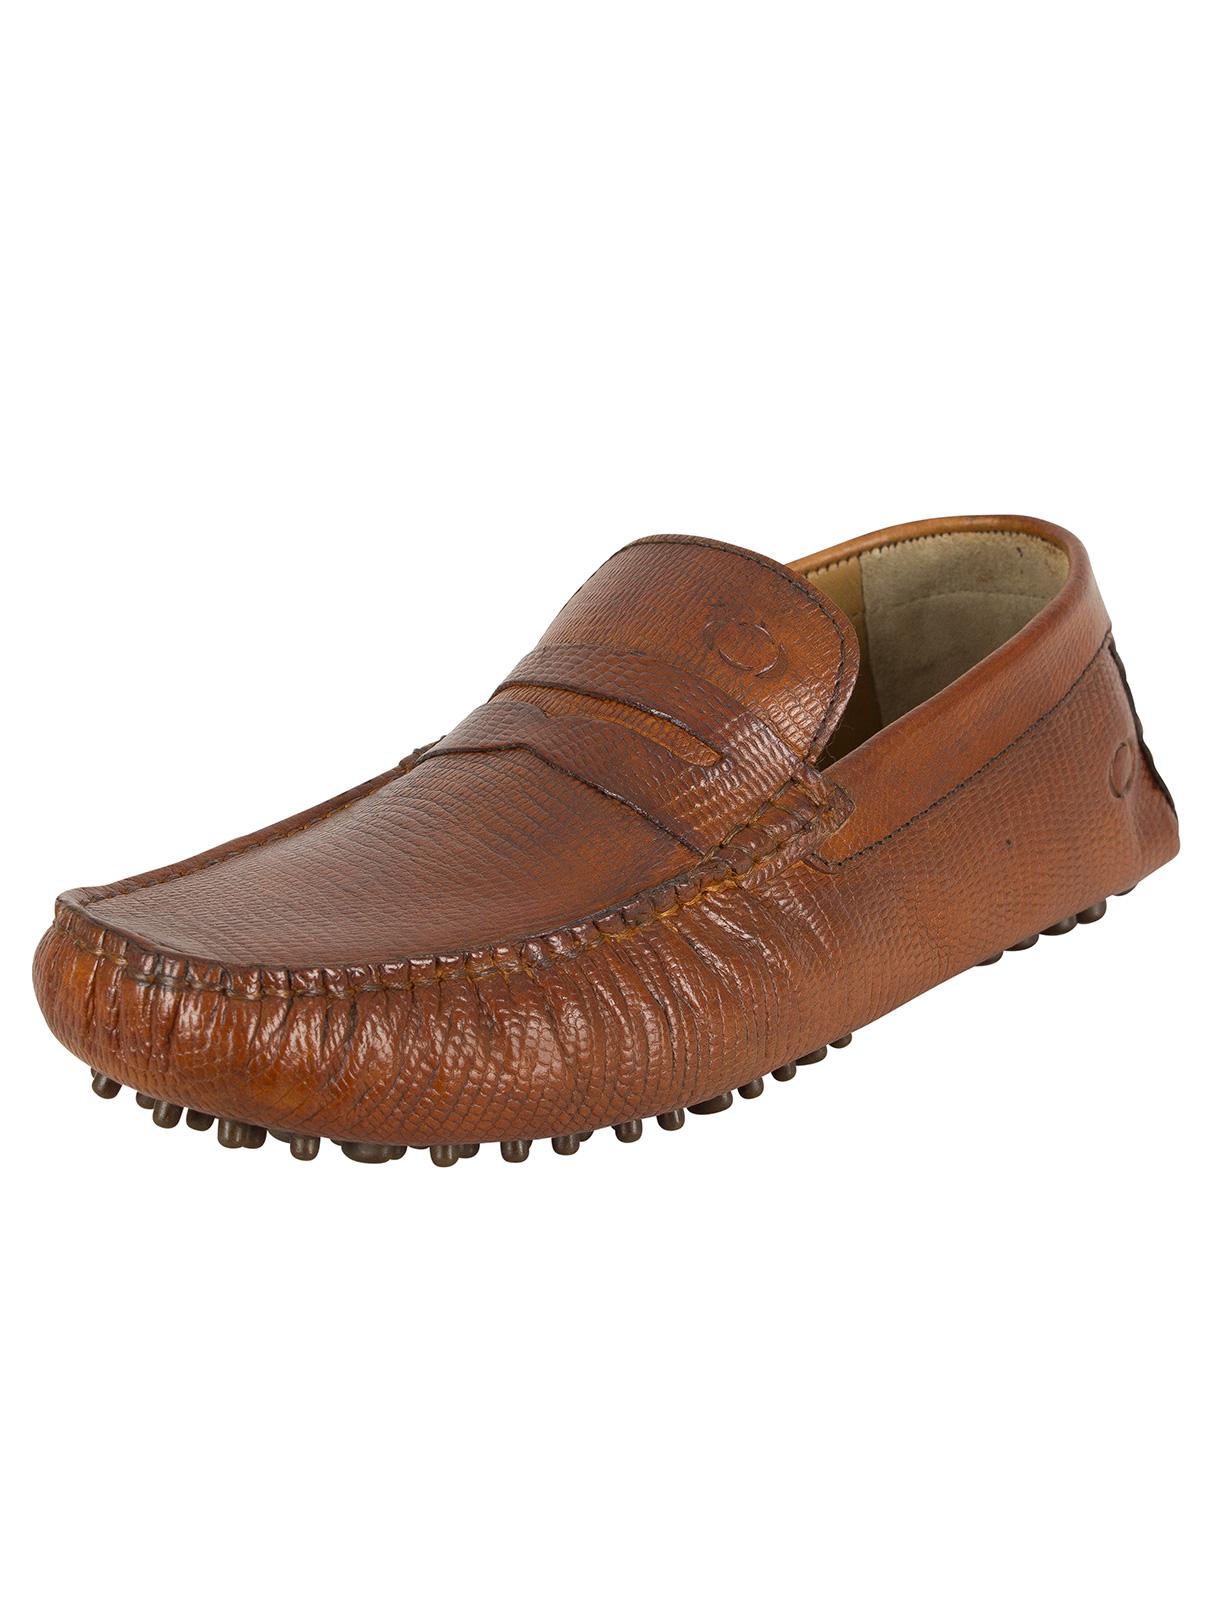 Flip Flops|Men's